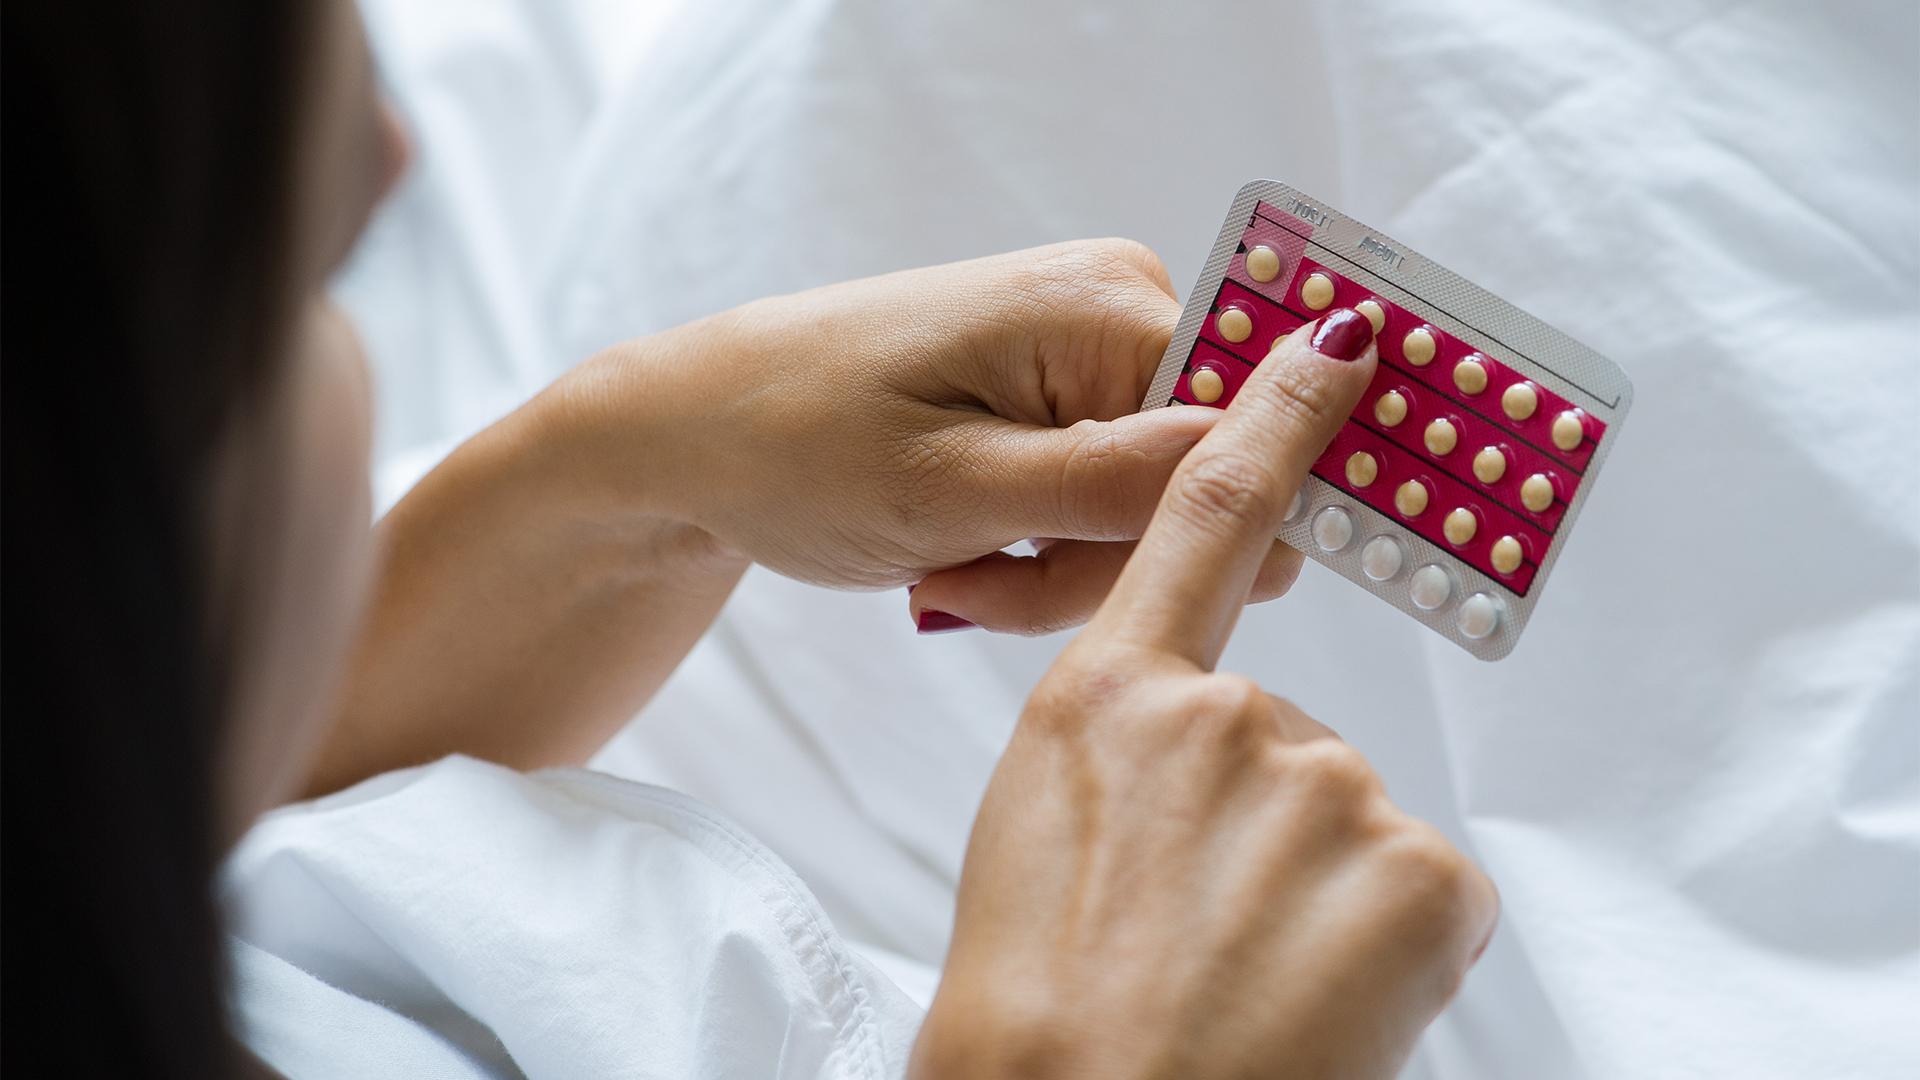 25 éves korig ingyenessé teszik a fogamzásgátlót Franciaországban